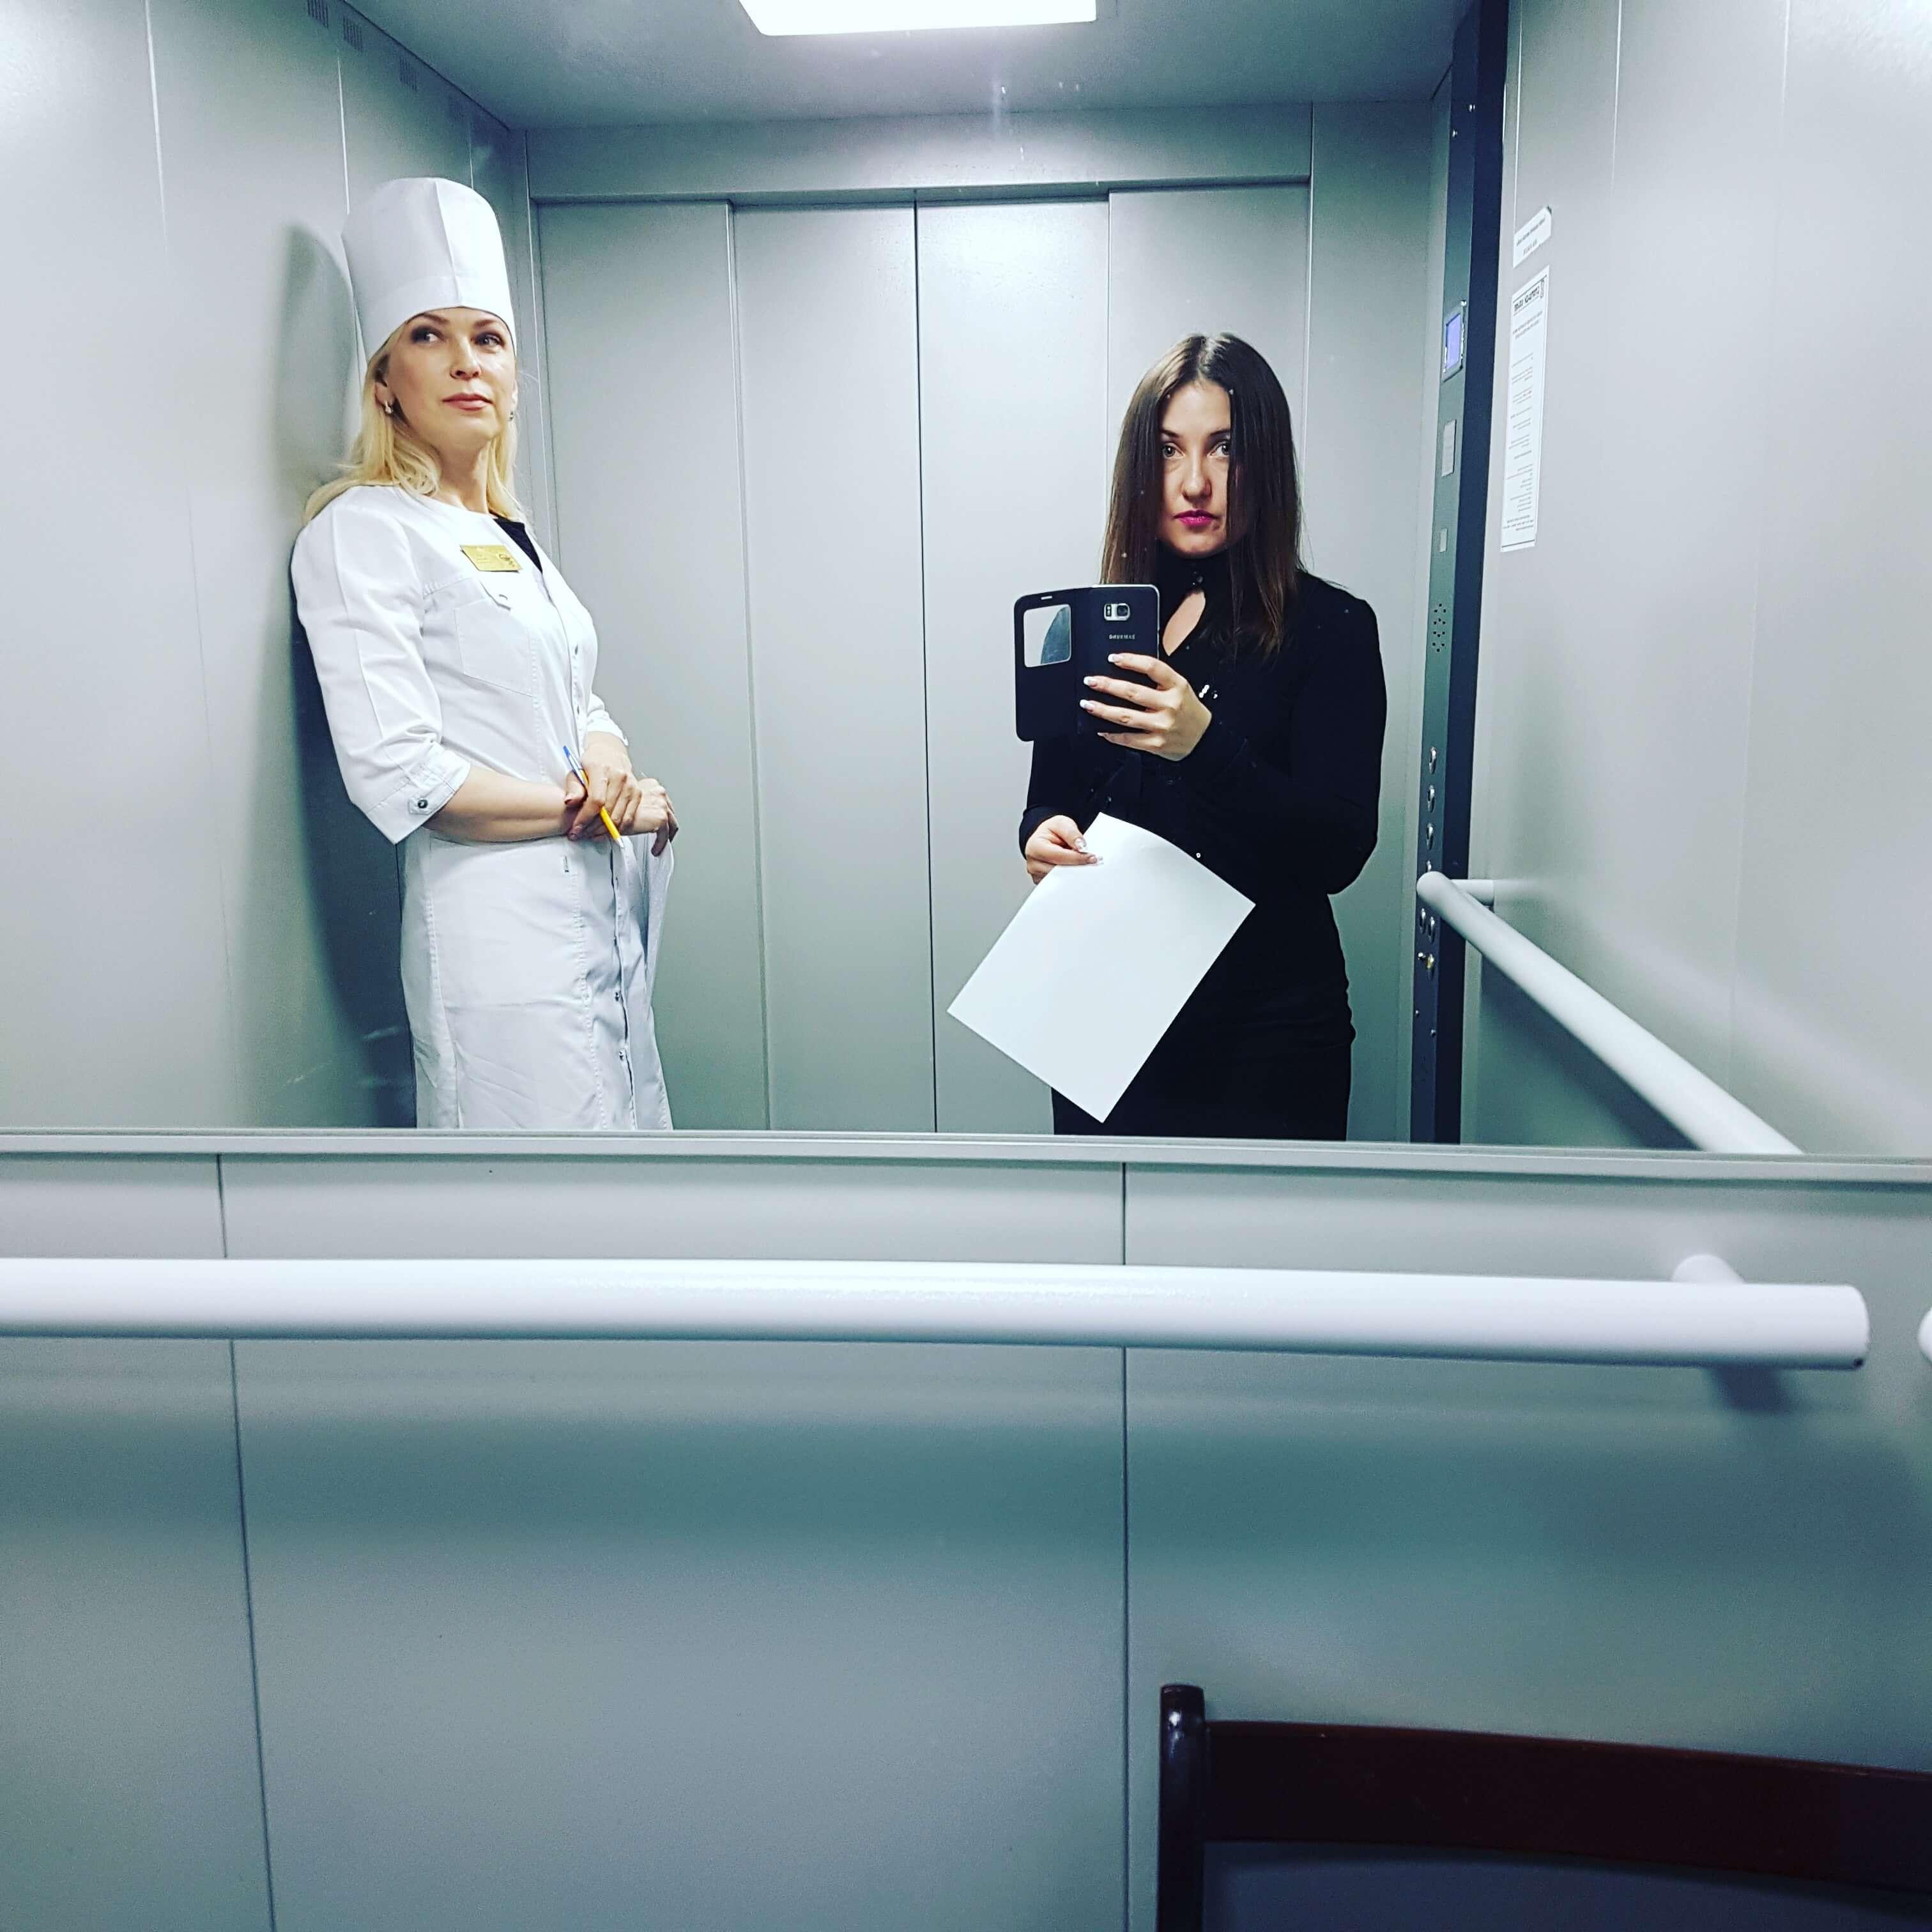 Последняя остановка: санитарка и главврач саратовской городской клинической больницы №6 Светлана Викторовна Жук